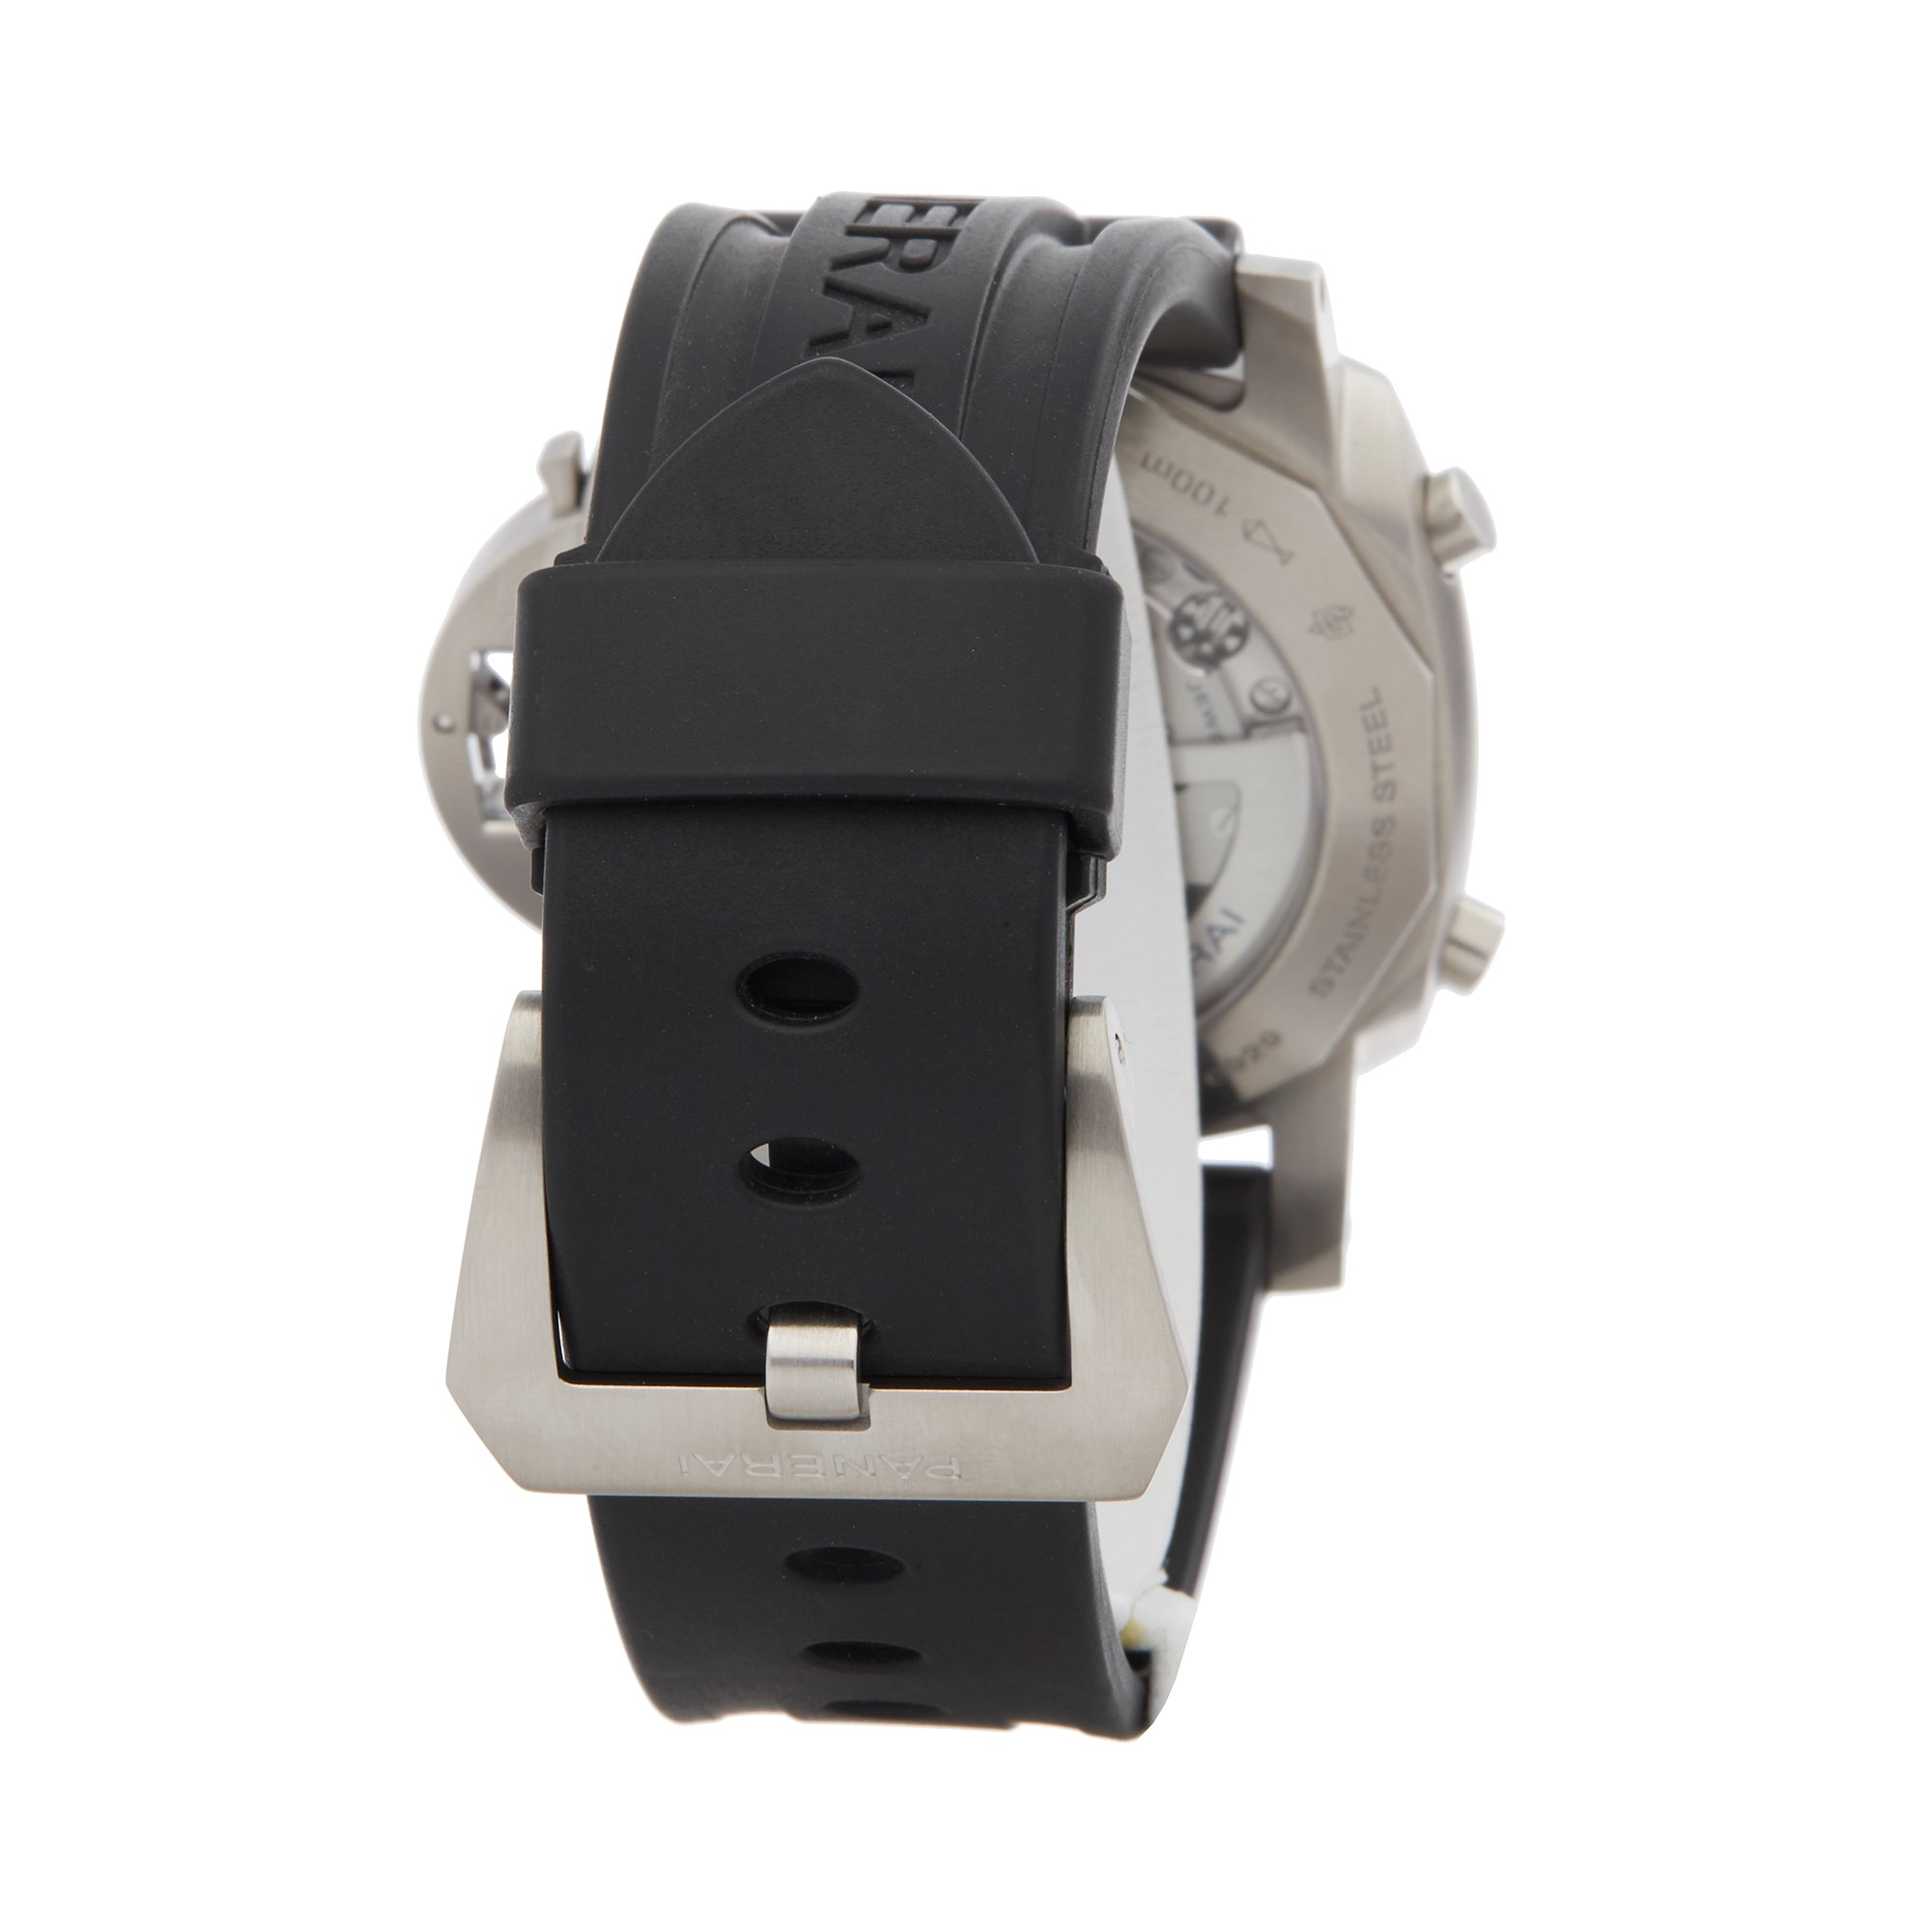 Panerai Luminor Chronograph Stainless Steel PAM00524